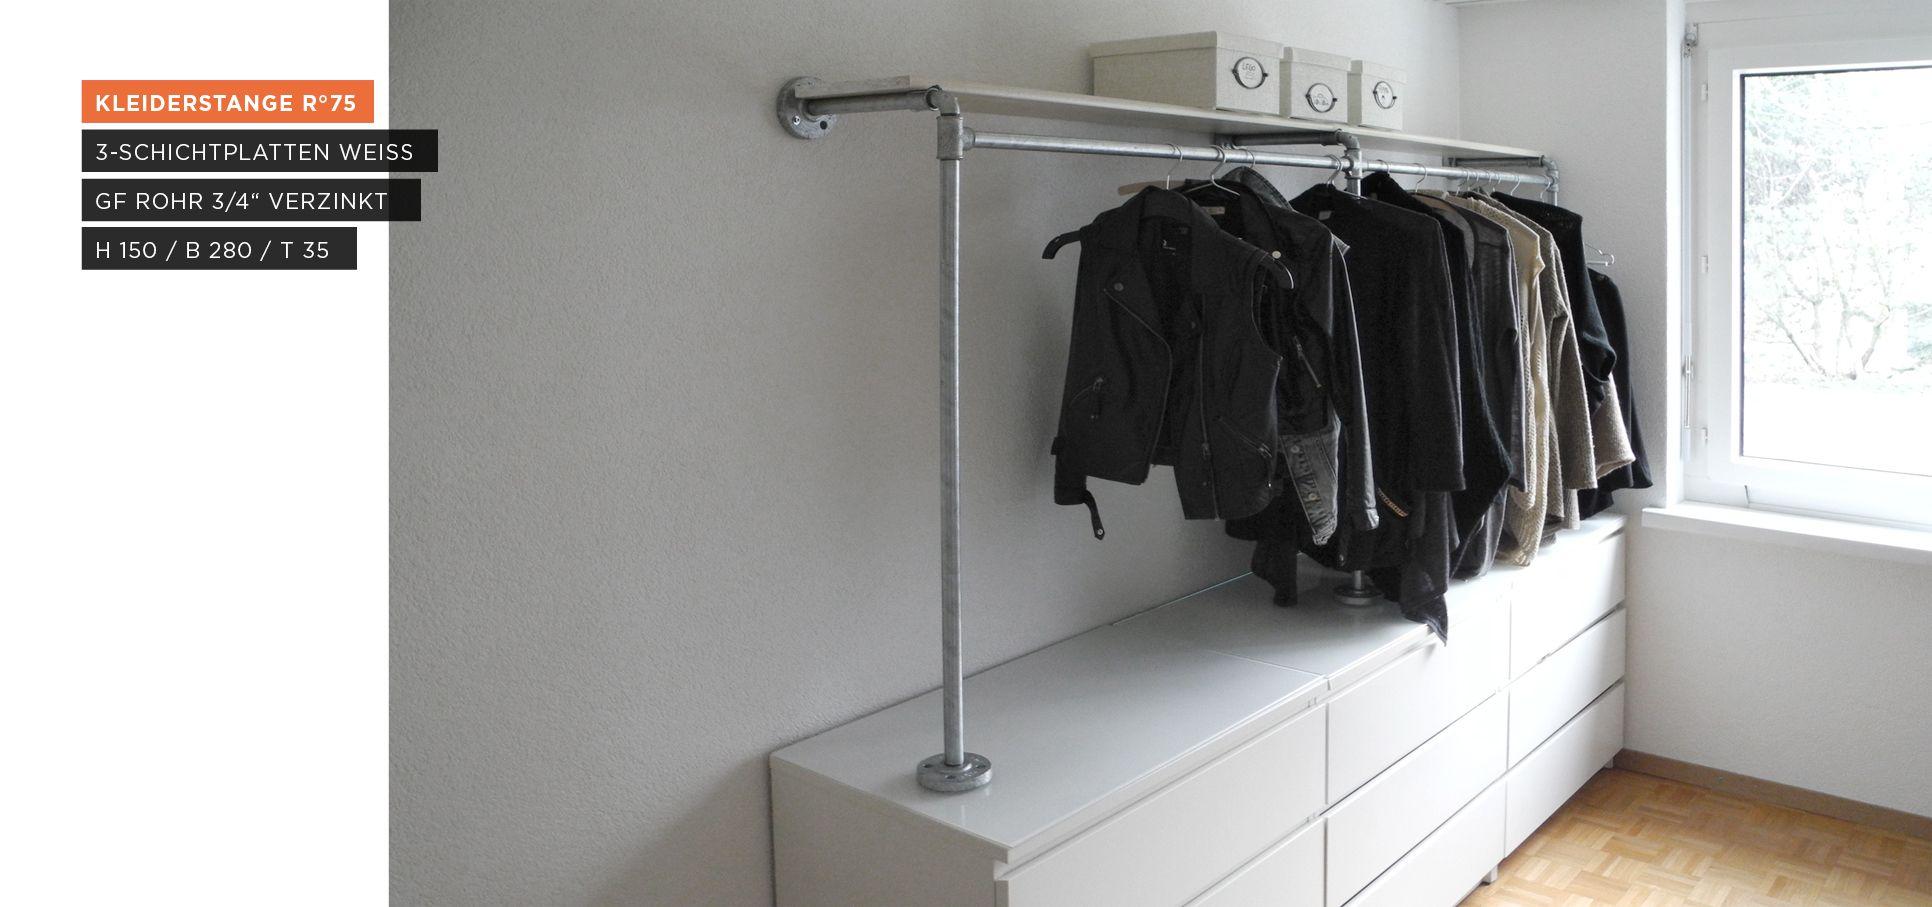 Begehbarer Kleiderschrank Kleiderstange Auf Sideboard